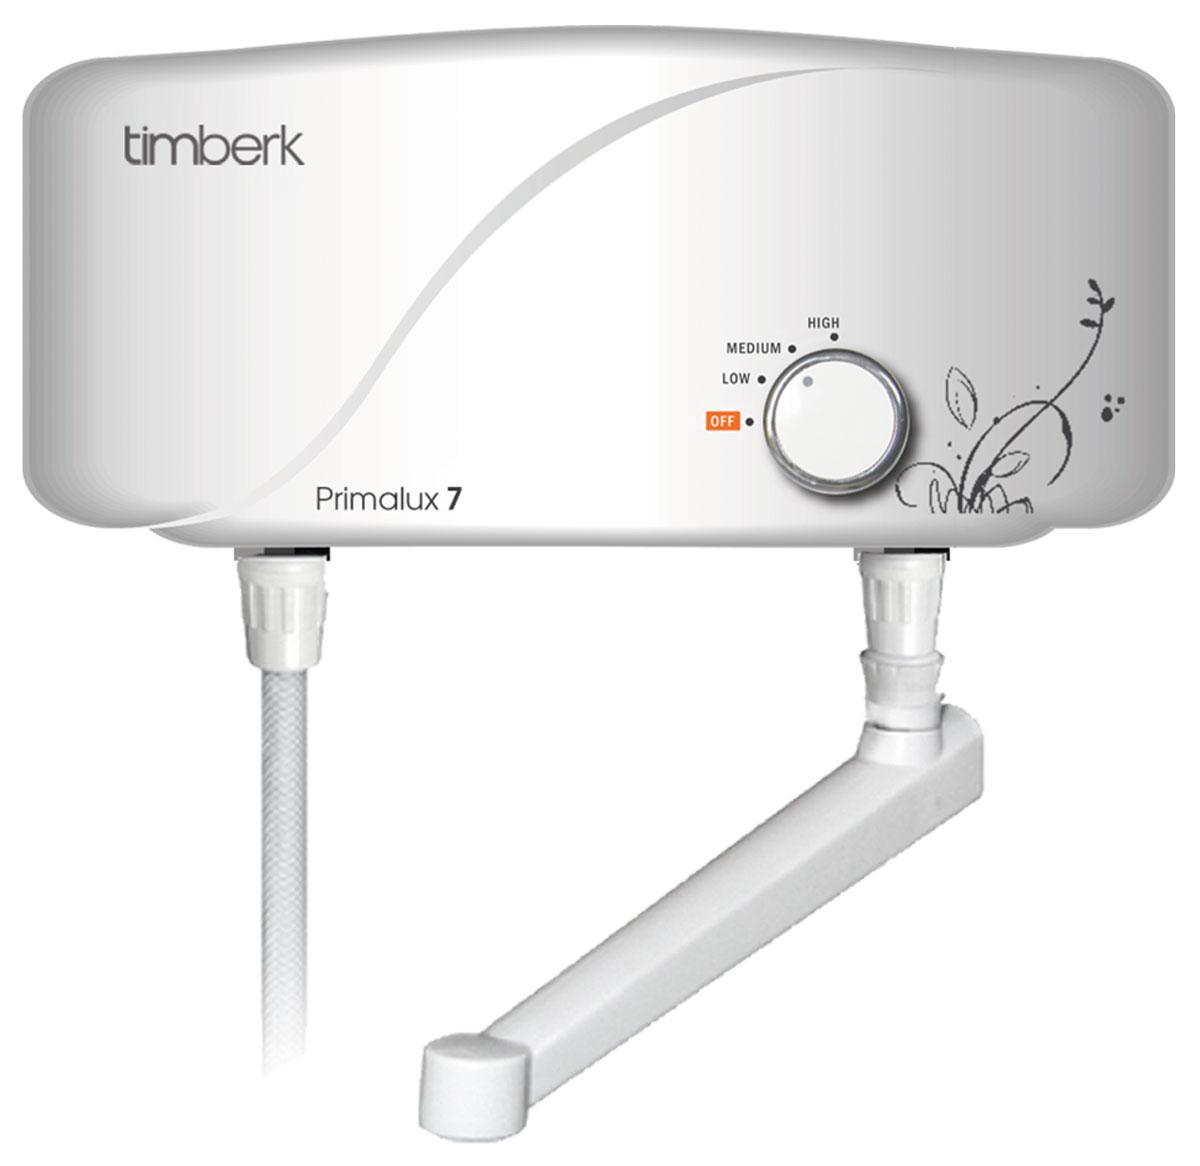 Timberk WHEL-3 OC проточный водонагреватель с краном ( WHEL-3 OC )